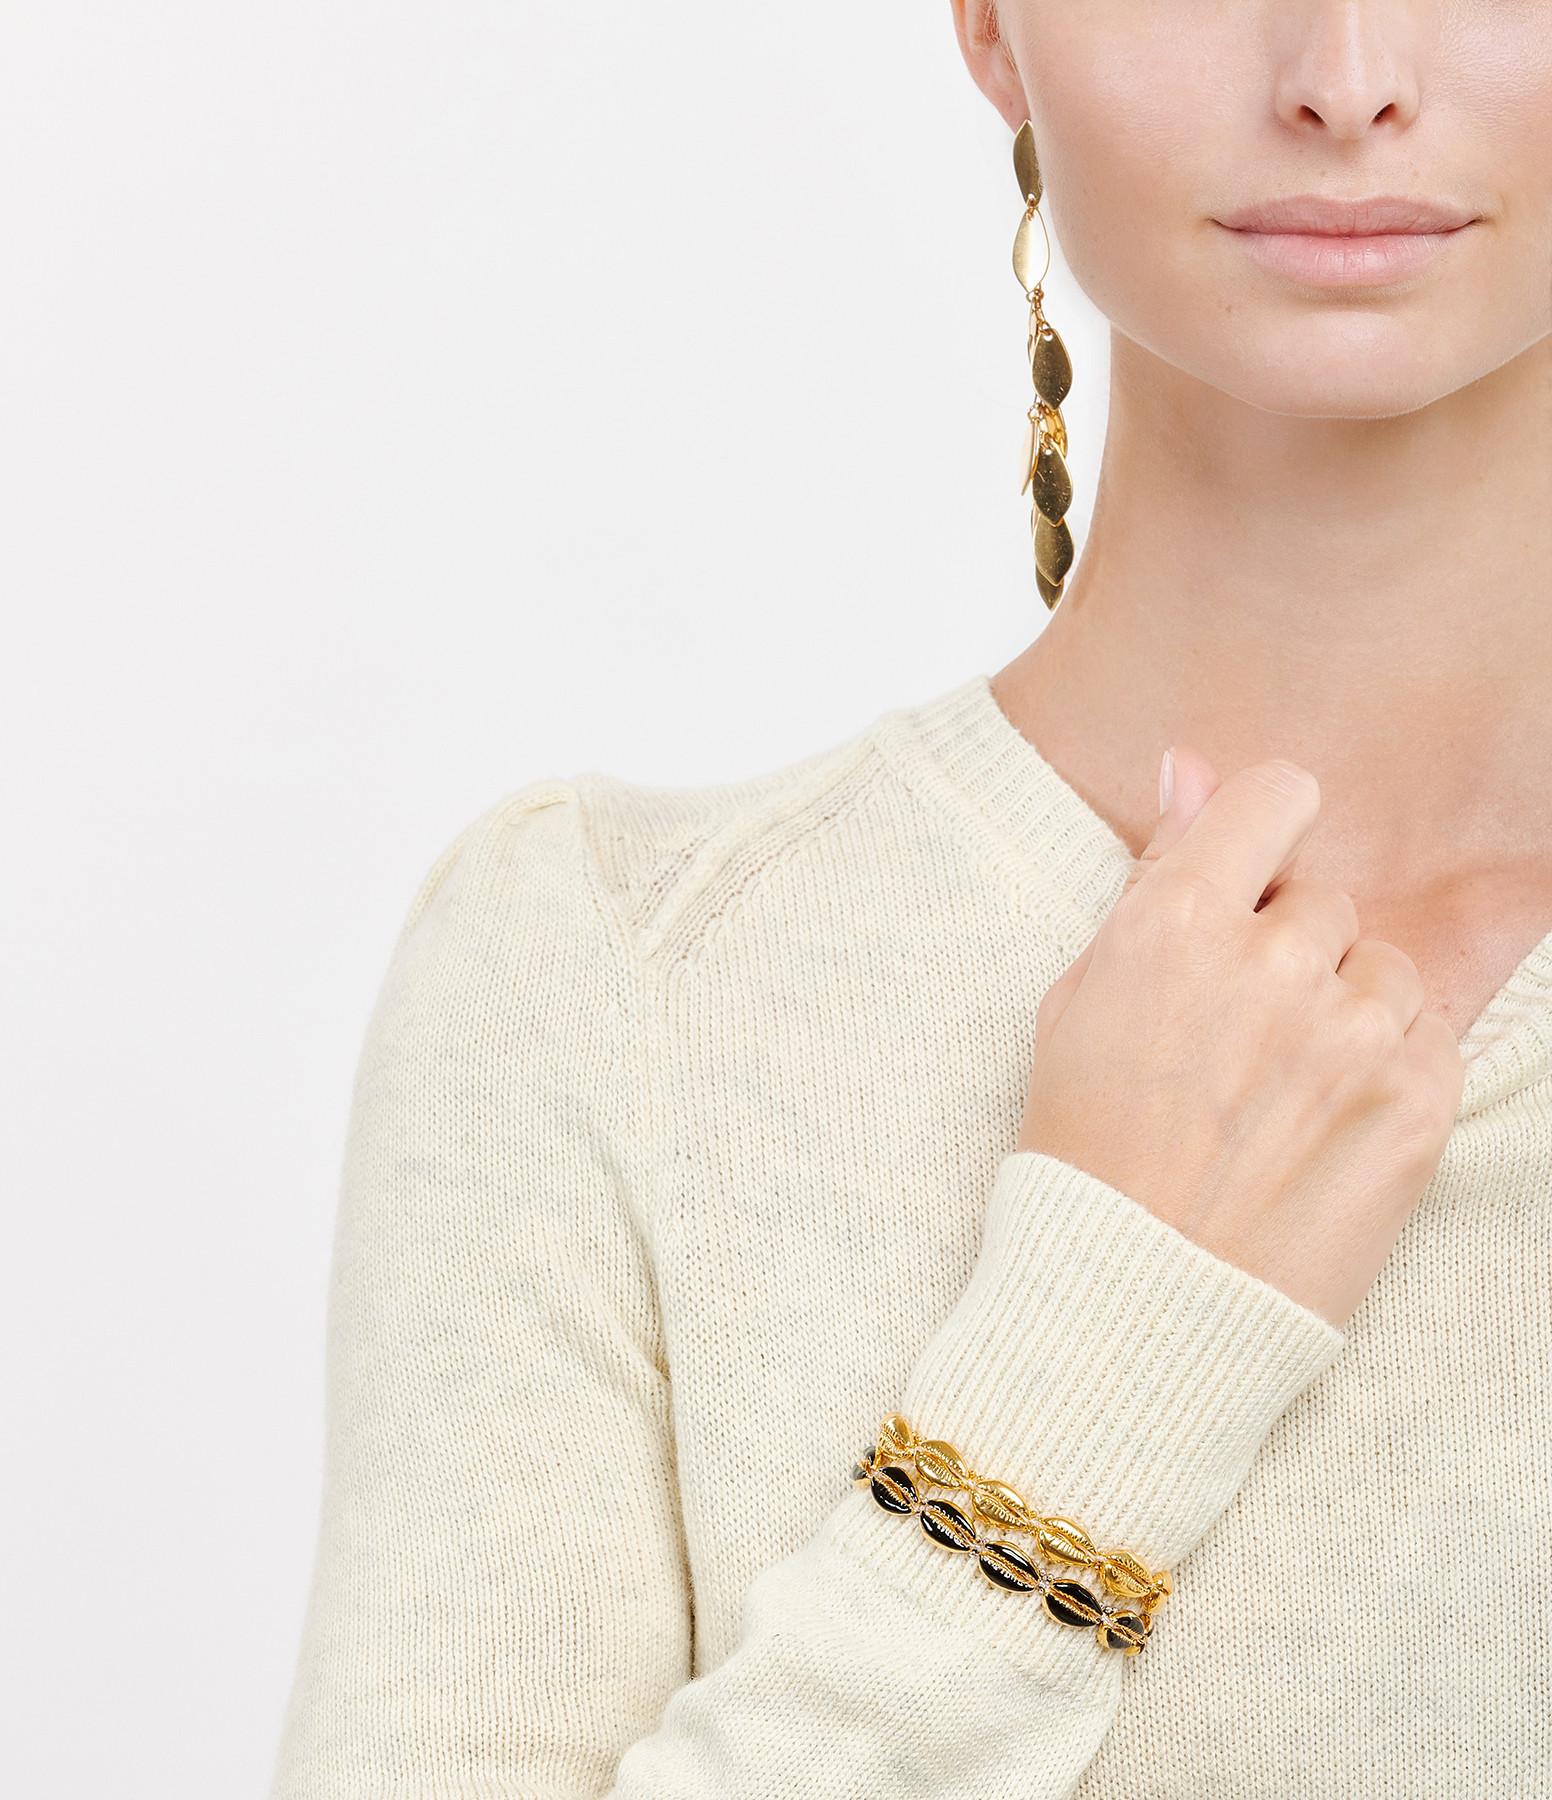 ISABEL MARANT - Bracelet Cauri Laiton Doré